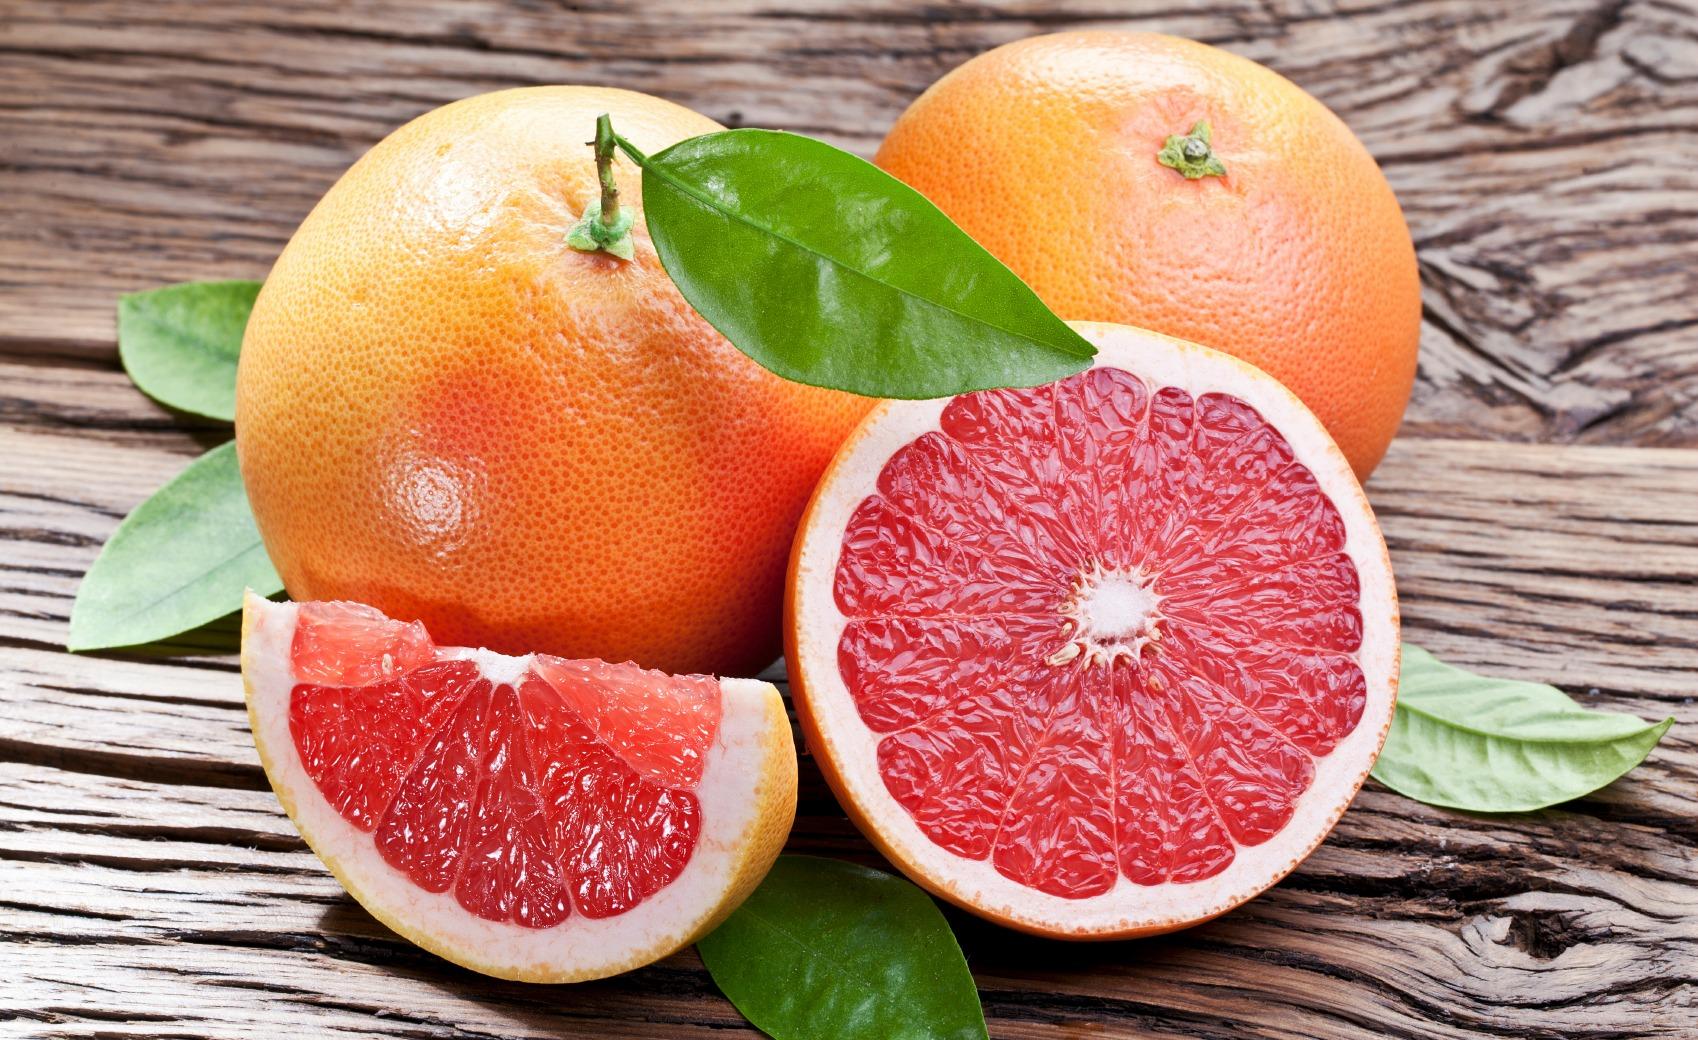 Il pompelmo è uno dei cibi che può millantare un elevato contenuto in vitamina C.